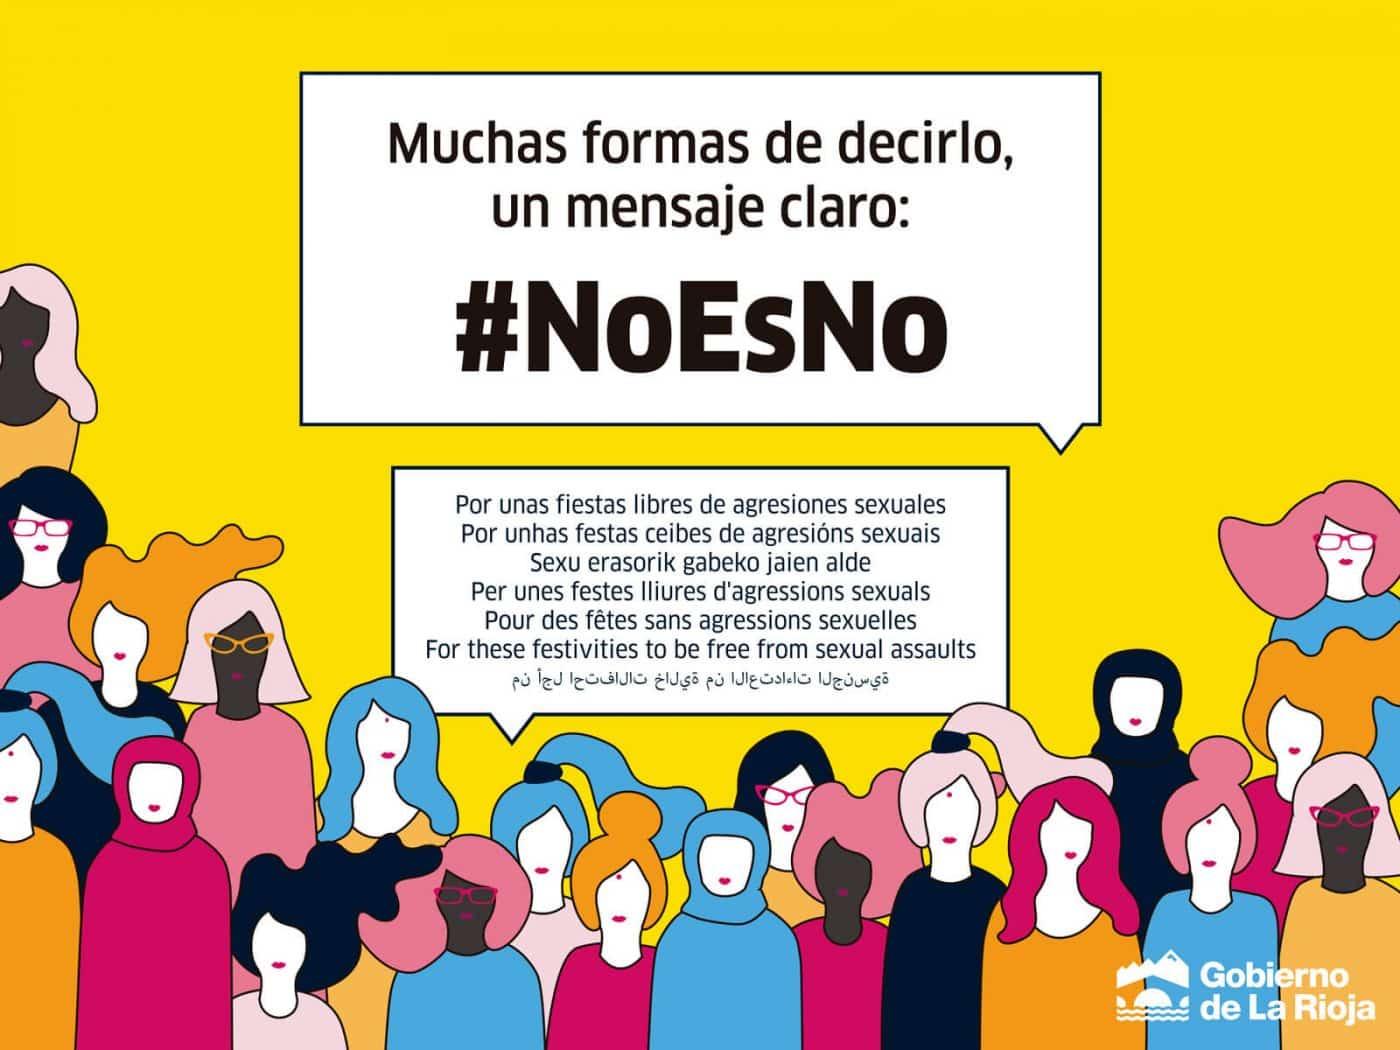 El Gobierno de La Rioja pone en marcha una campaña para evitar conductas y agresiones sexistas en las fiestas patronales 1